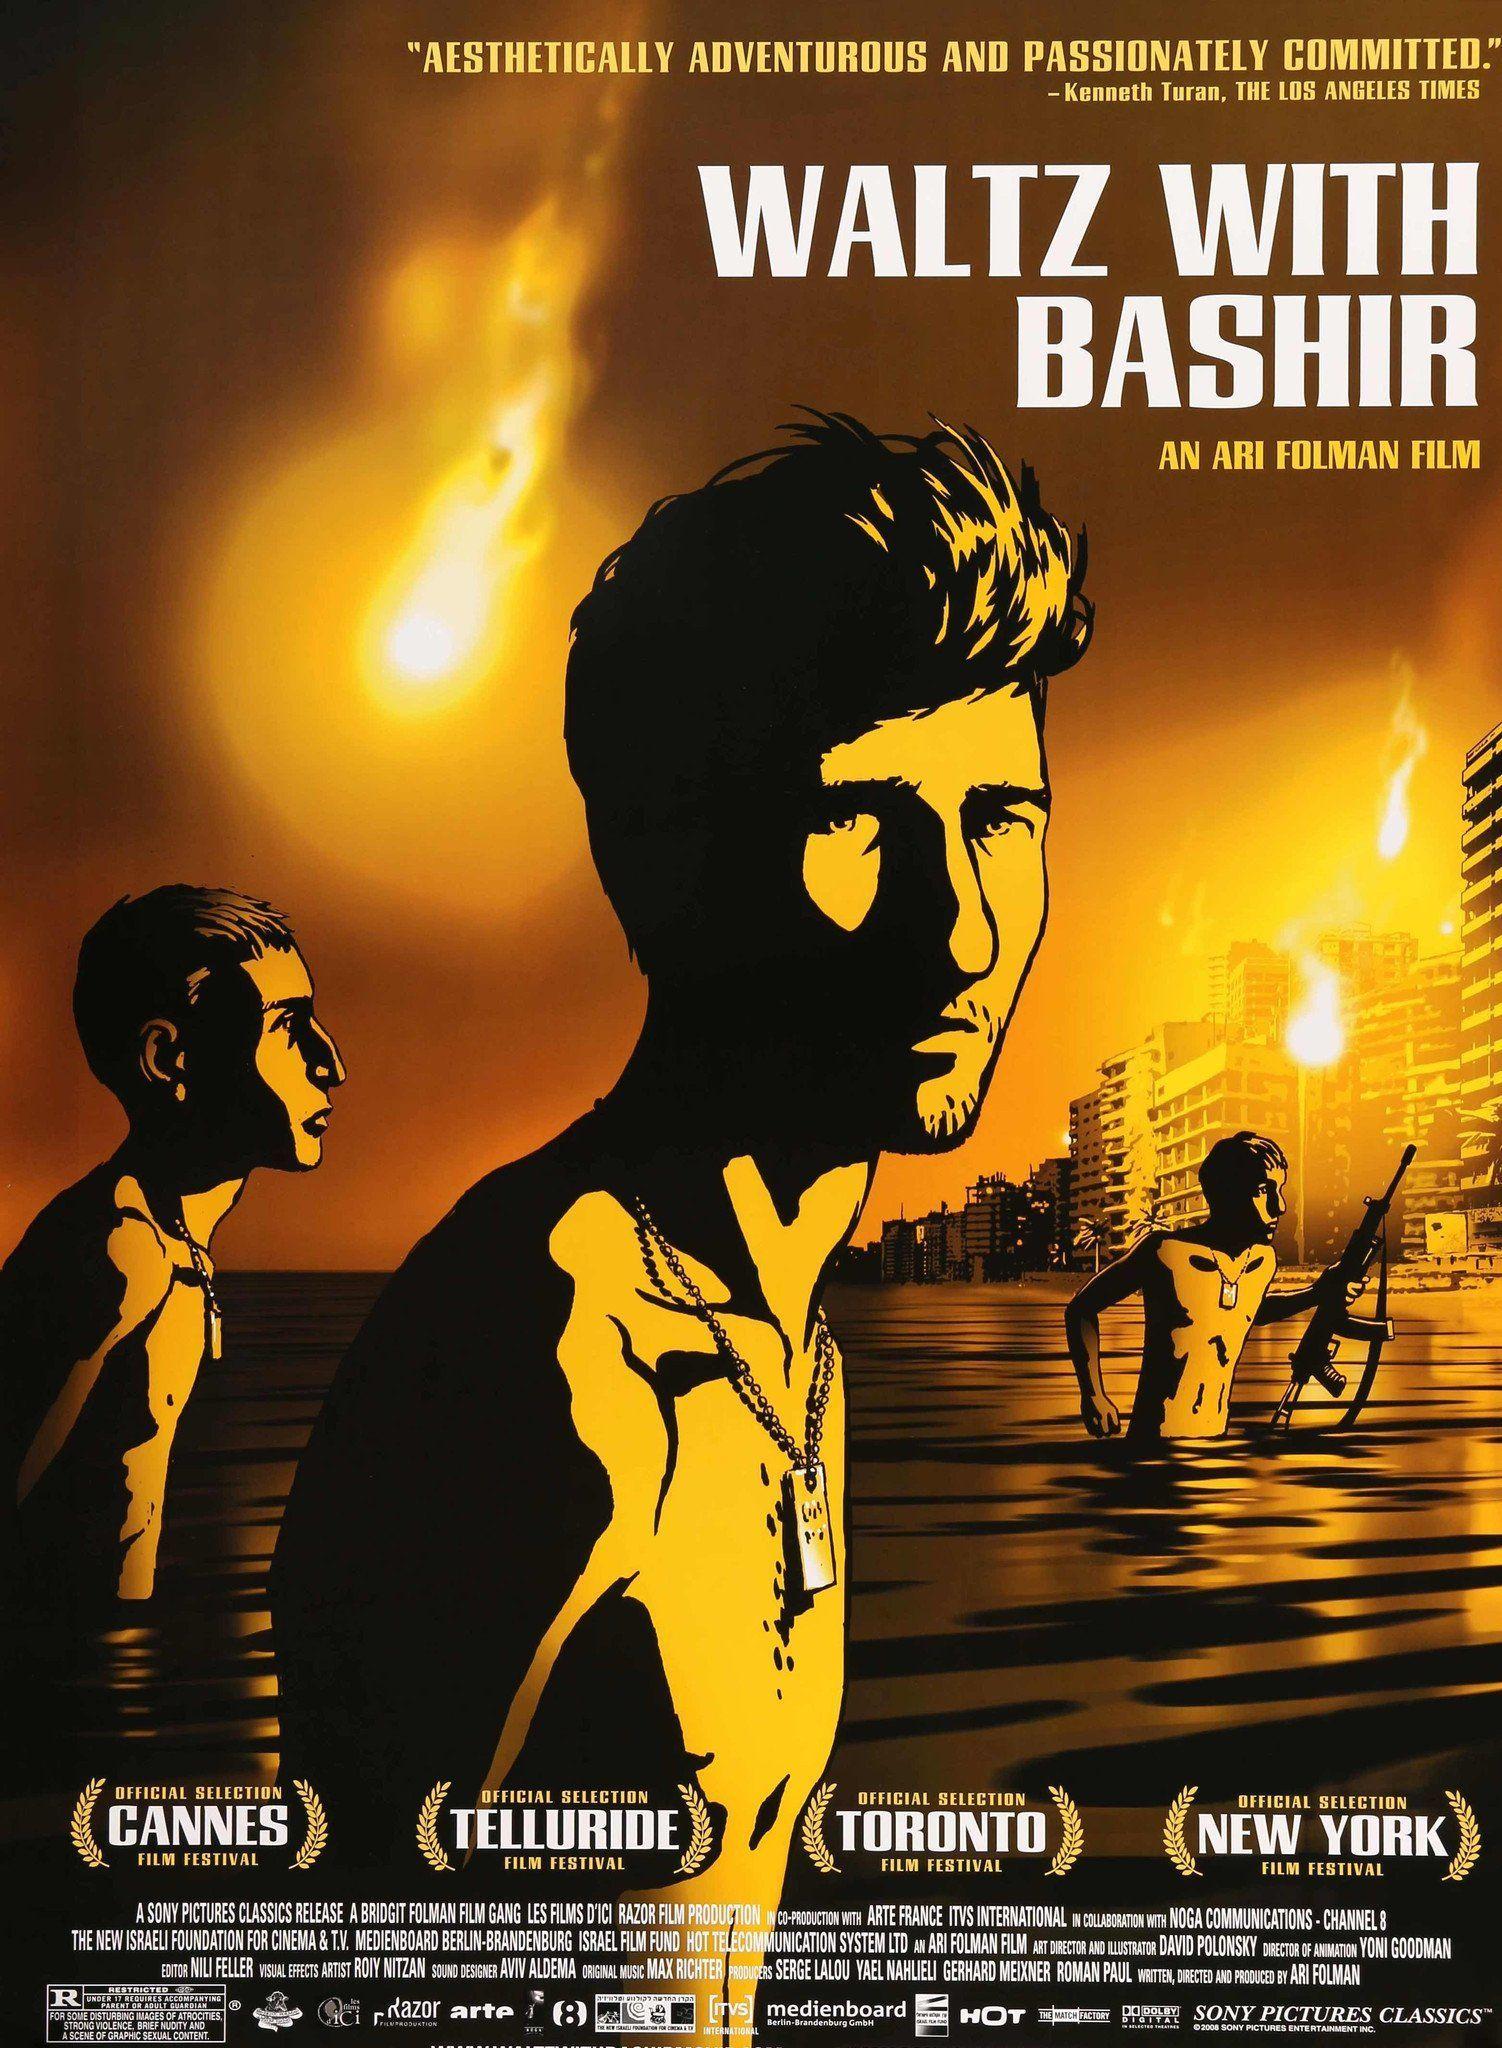 Waltz With Bashir 2008 Film D Documentary Film Film Director